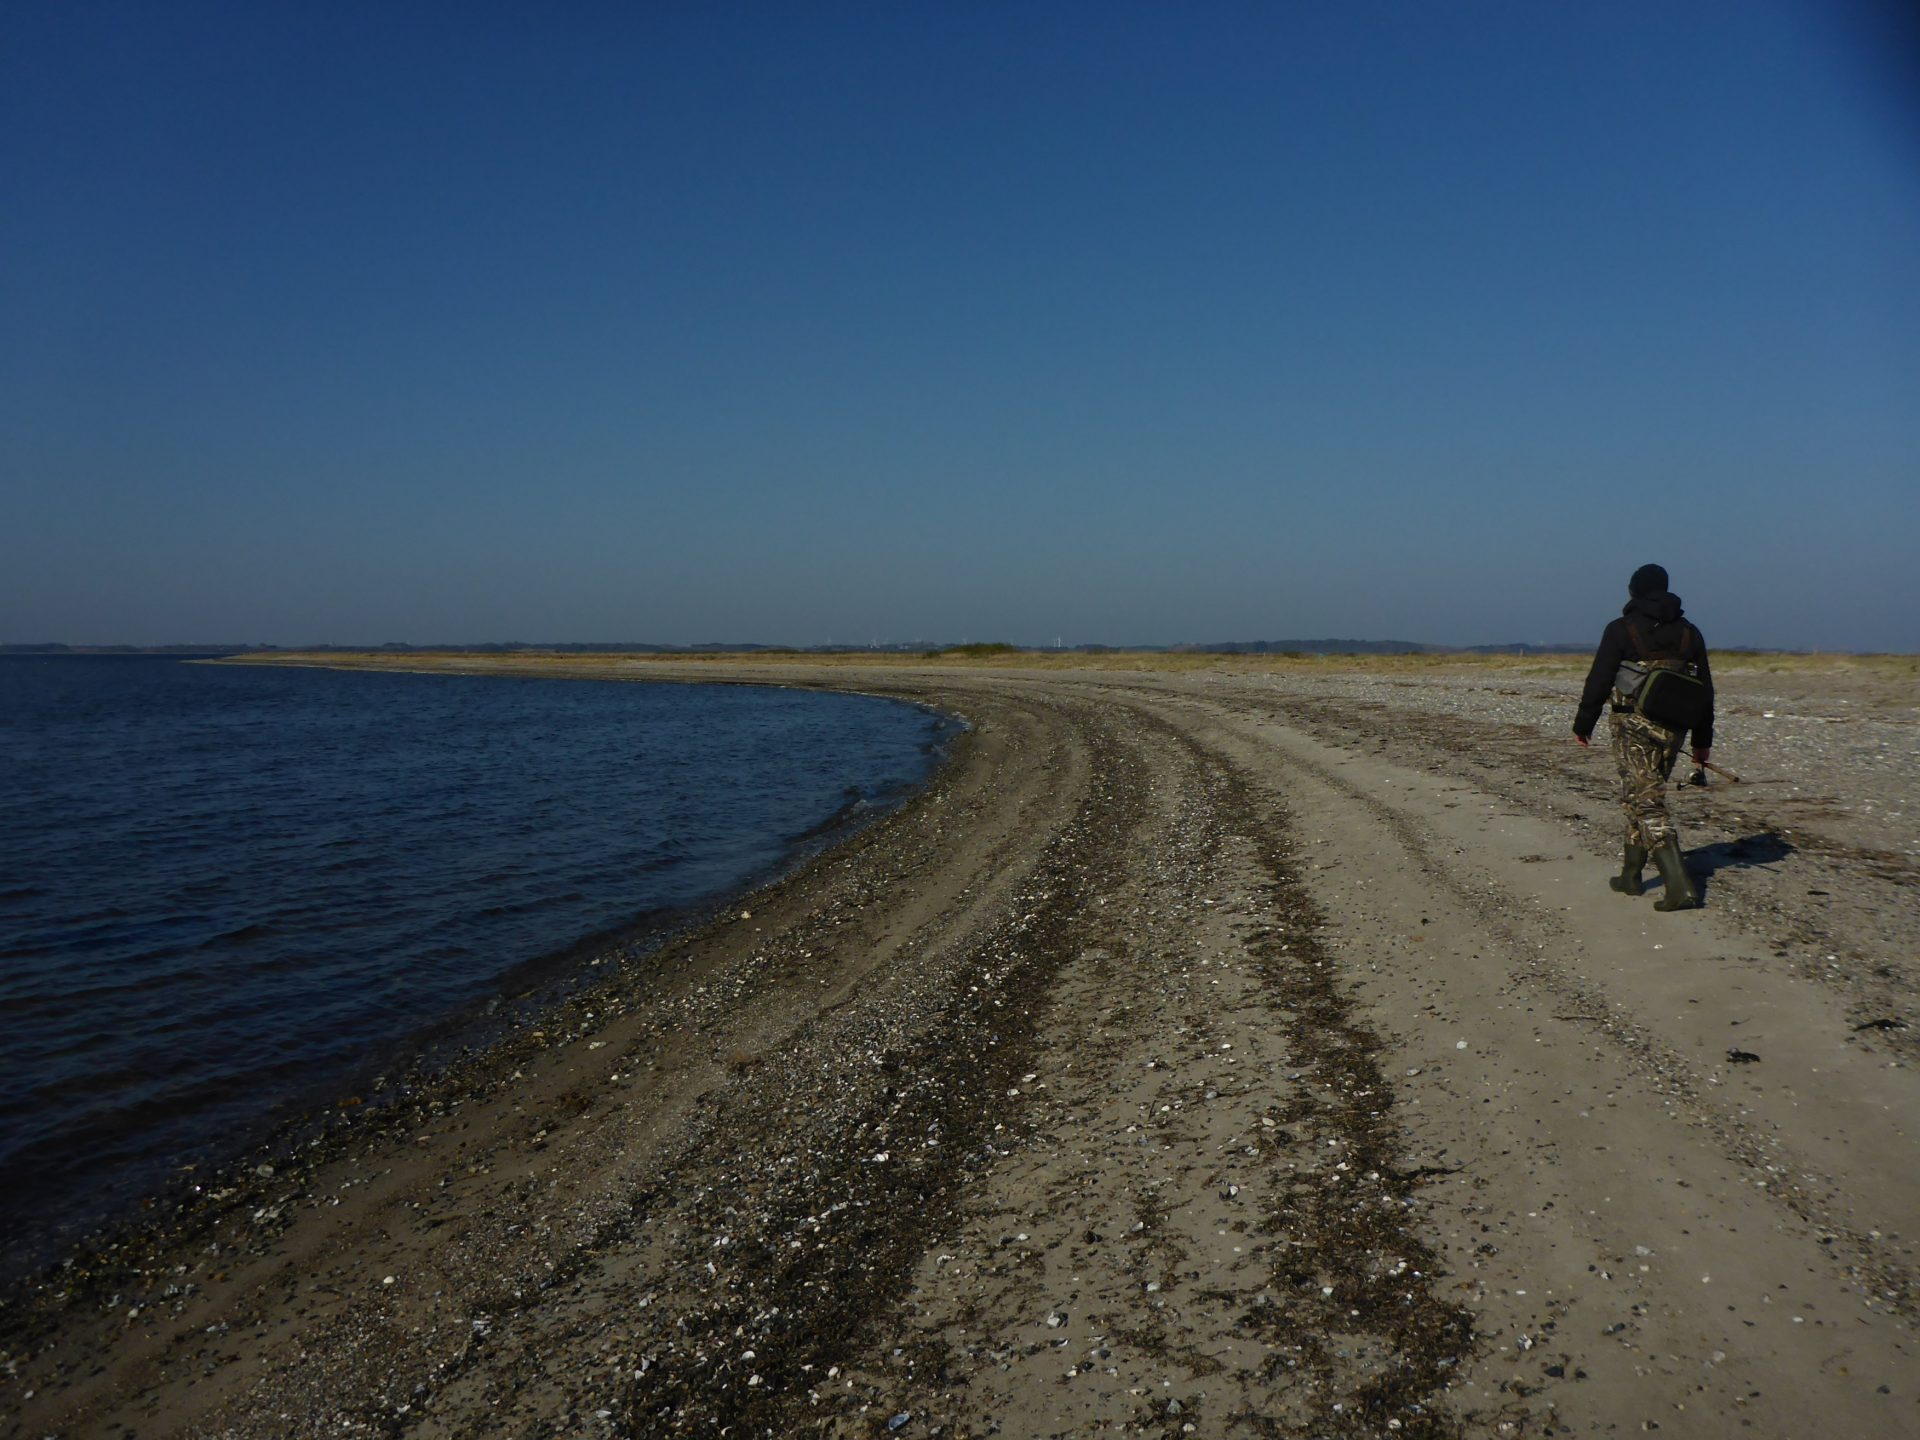 Risgårde i den sydlige del af Limfjorden er en glimrende fiskeplads til fangst af havørred i sommerhalvåret.